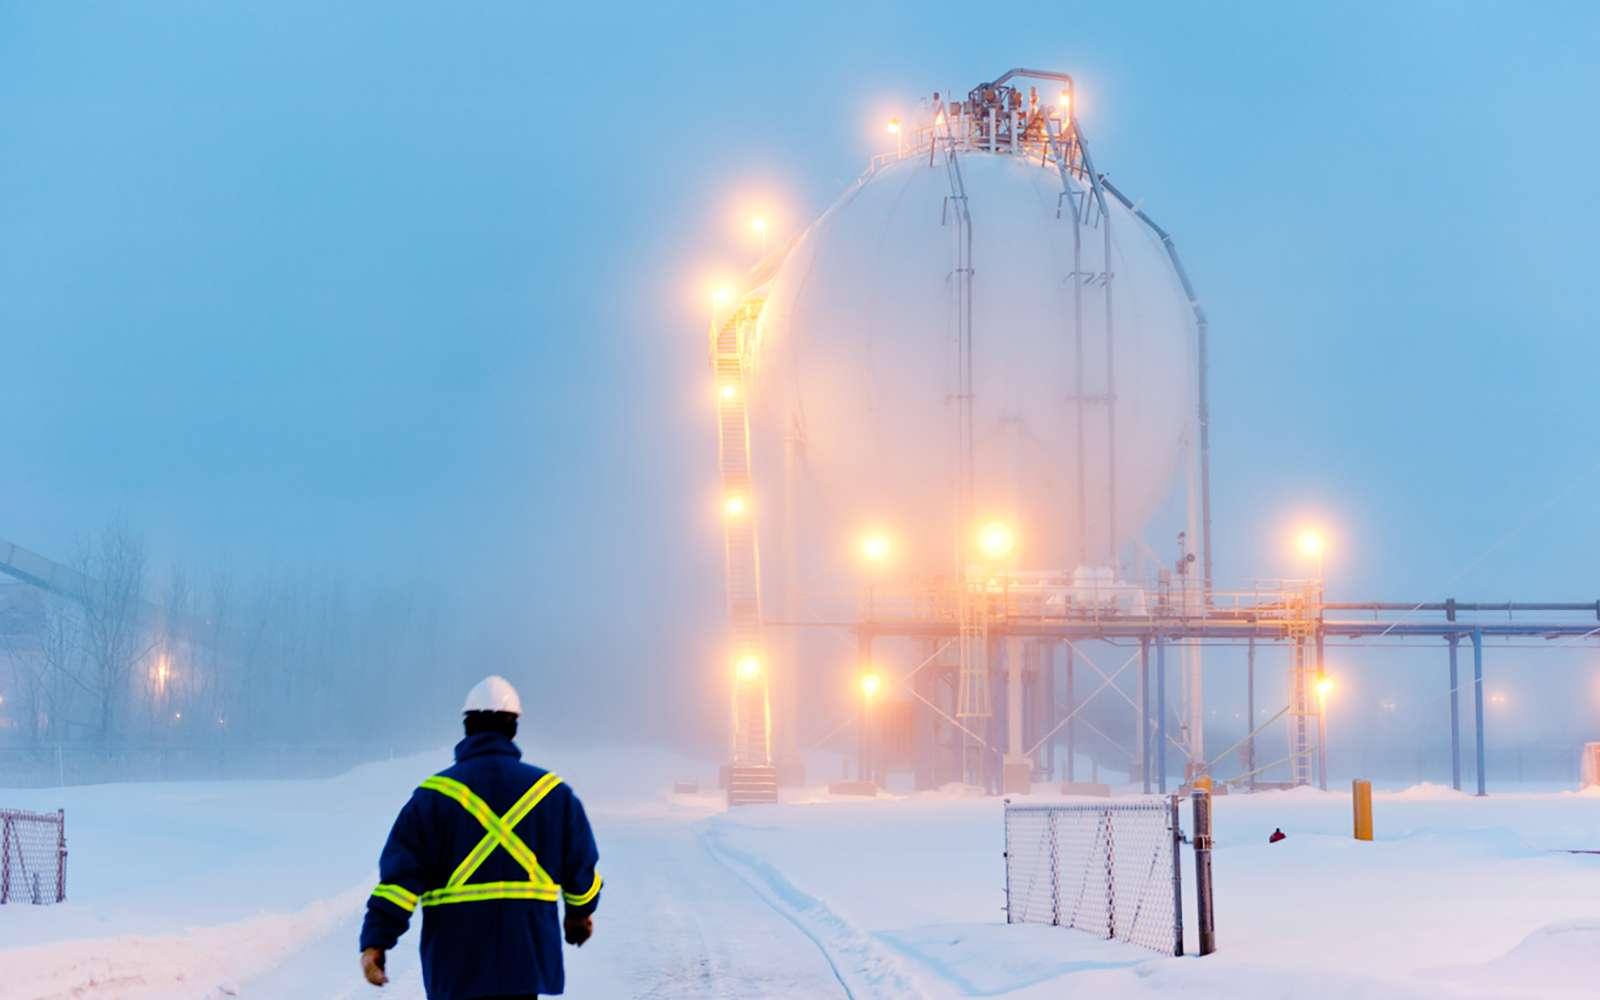 Le site de Bécancour accueille désormais le plus grand site de production d'hydrogène vert au monde. © Air Liquide